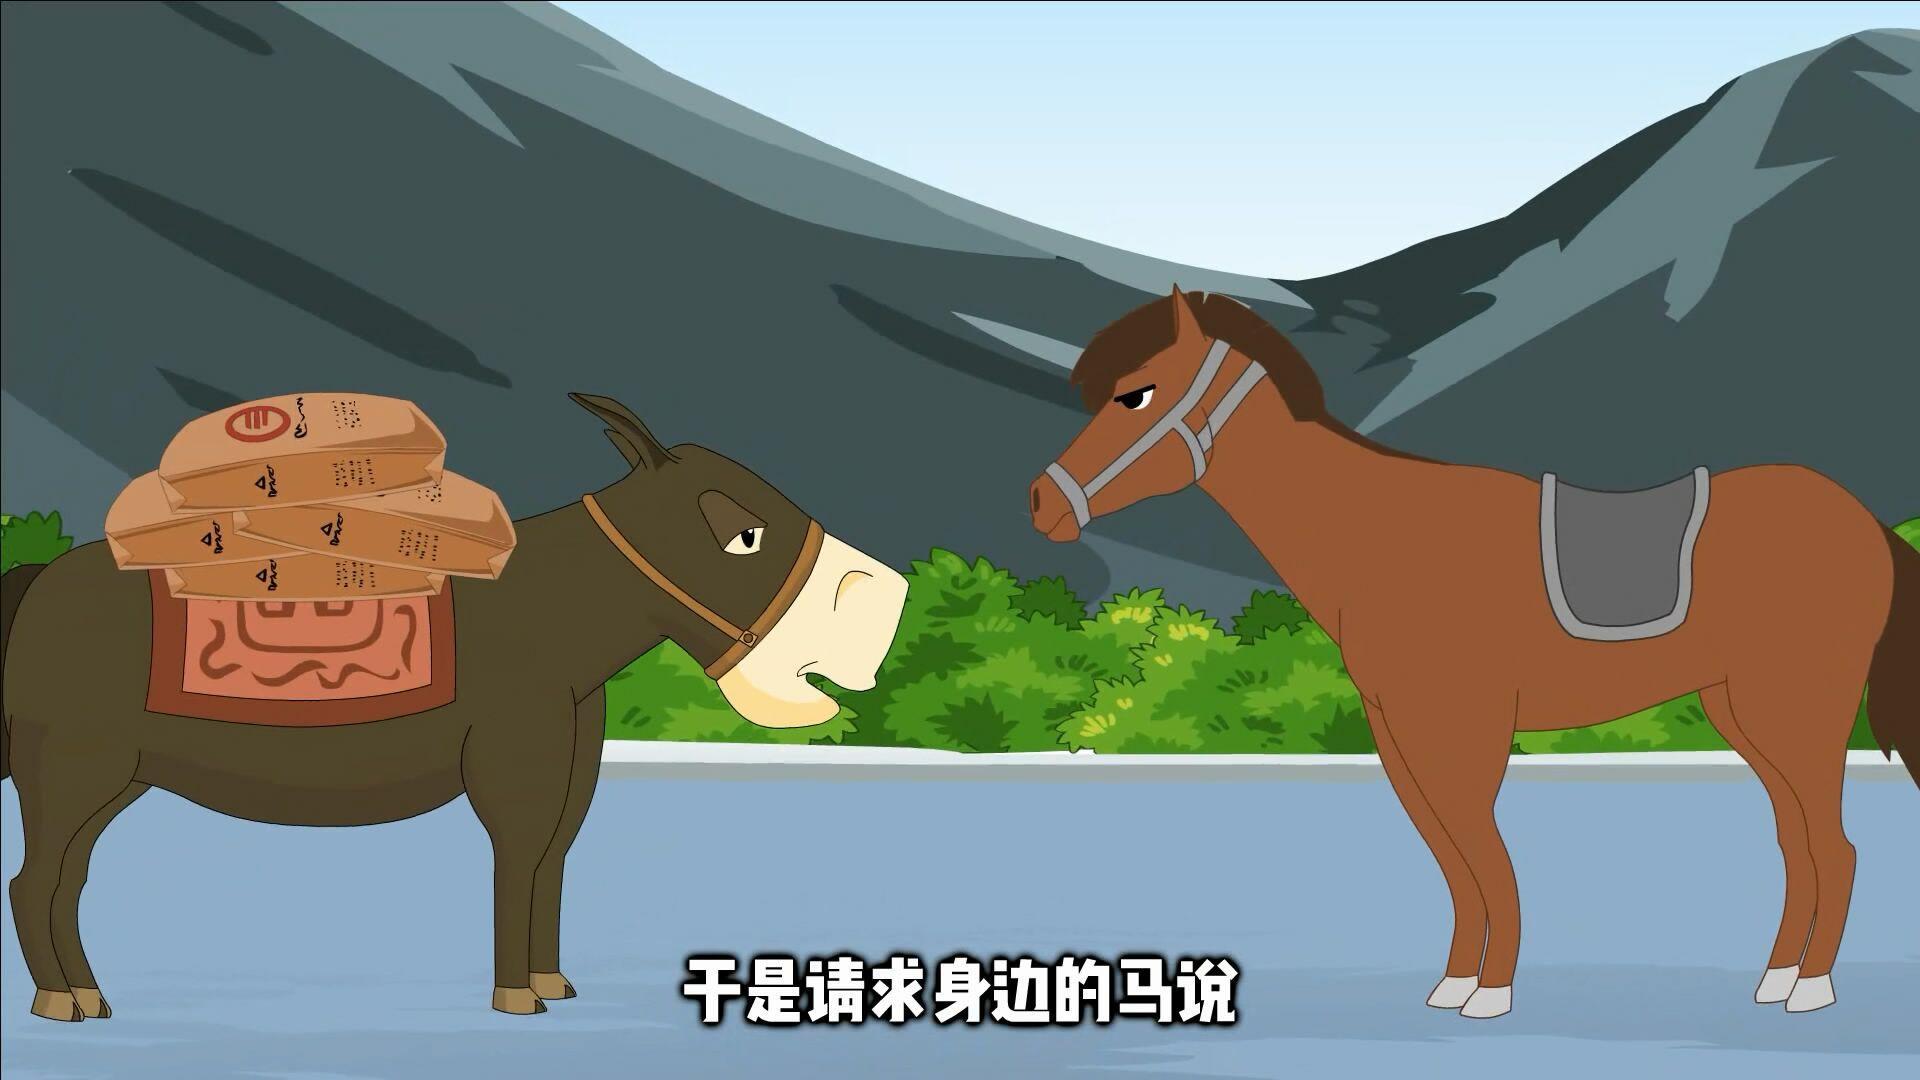 寓言新故事,马跟驴的童话小故事,背后的知识让人受益匪浅!